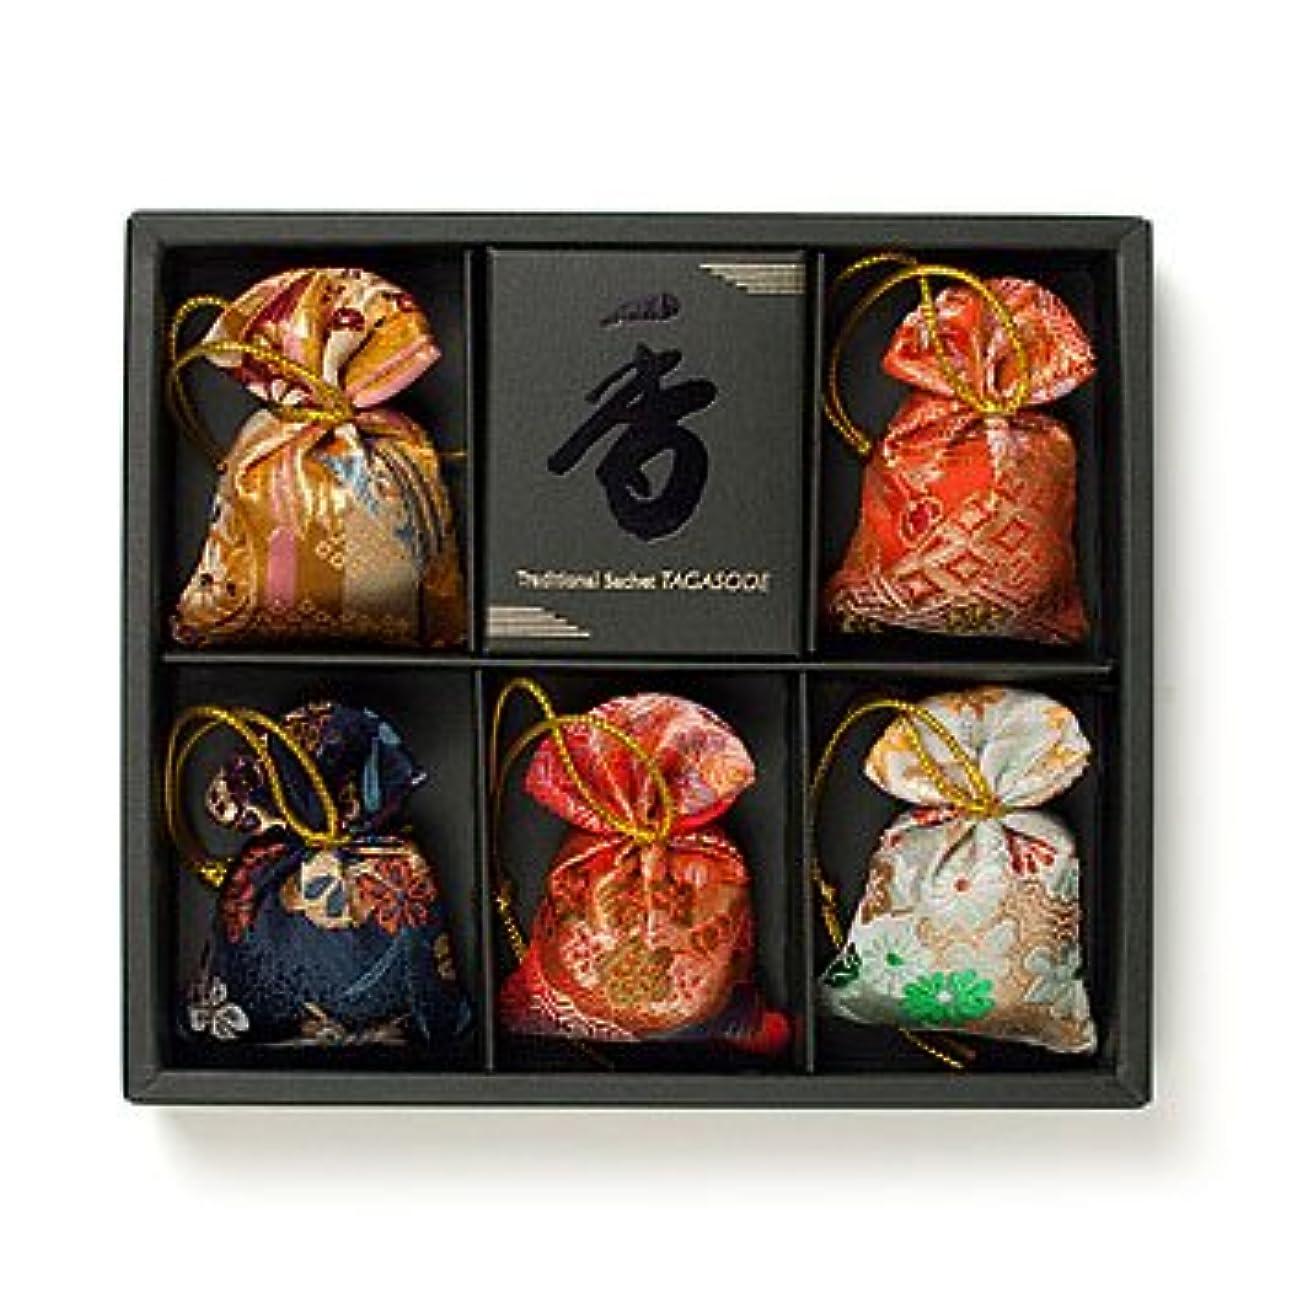 サーキュレーション第二長いです匂い袋 誰が袖 みやこ(大) 5個入 松栄堂 Shoyeido